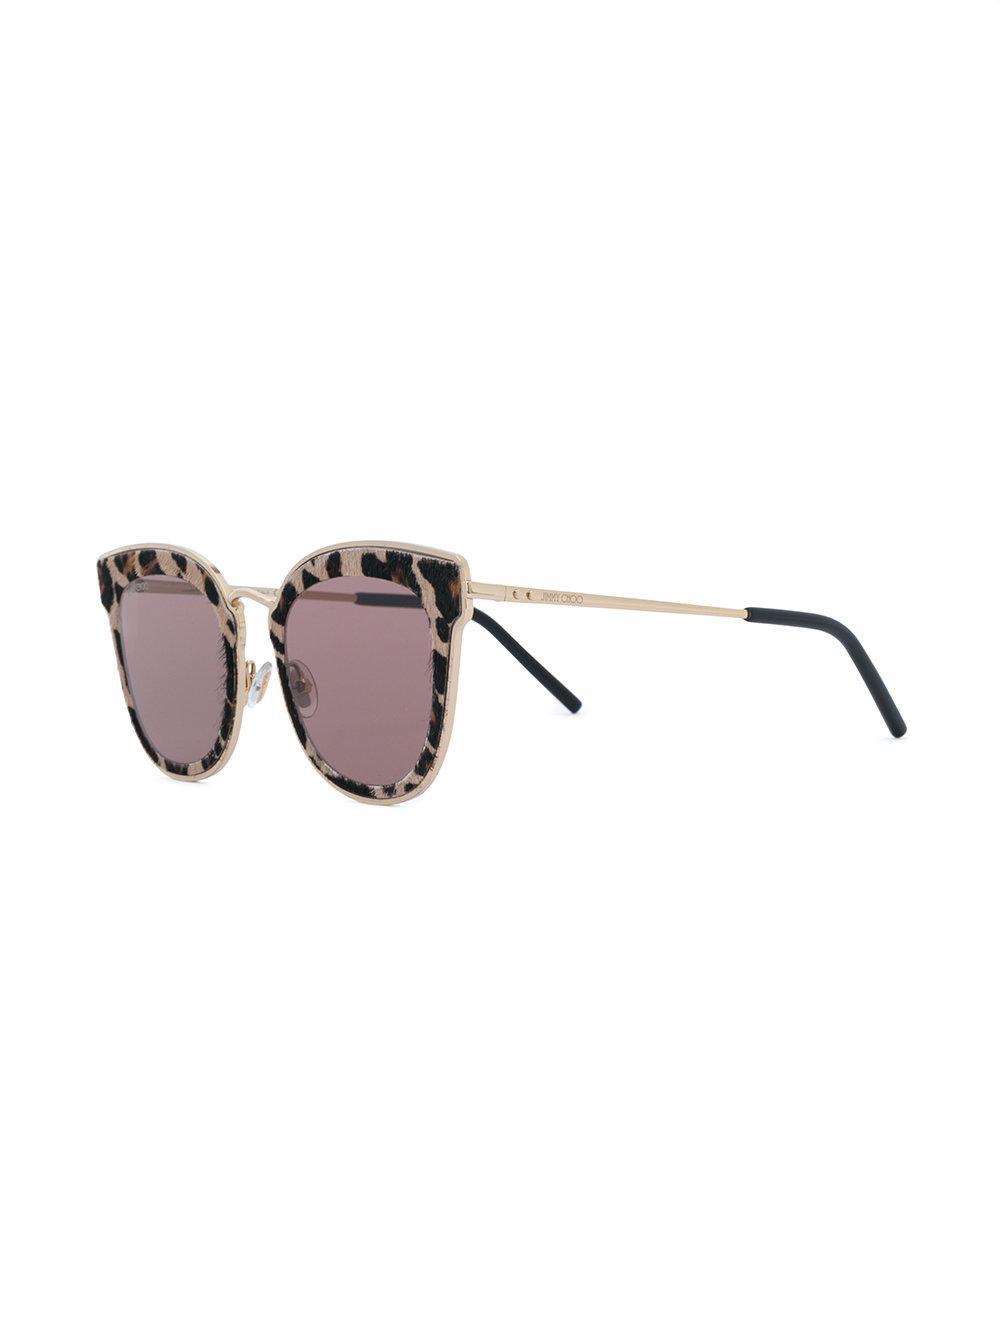 1e58ba514ed Lyst - Jimmy Choo Niles Sunglasses in Brown